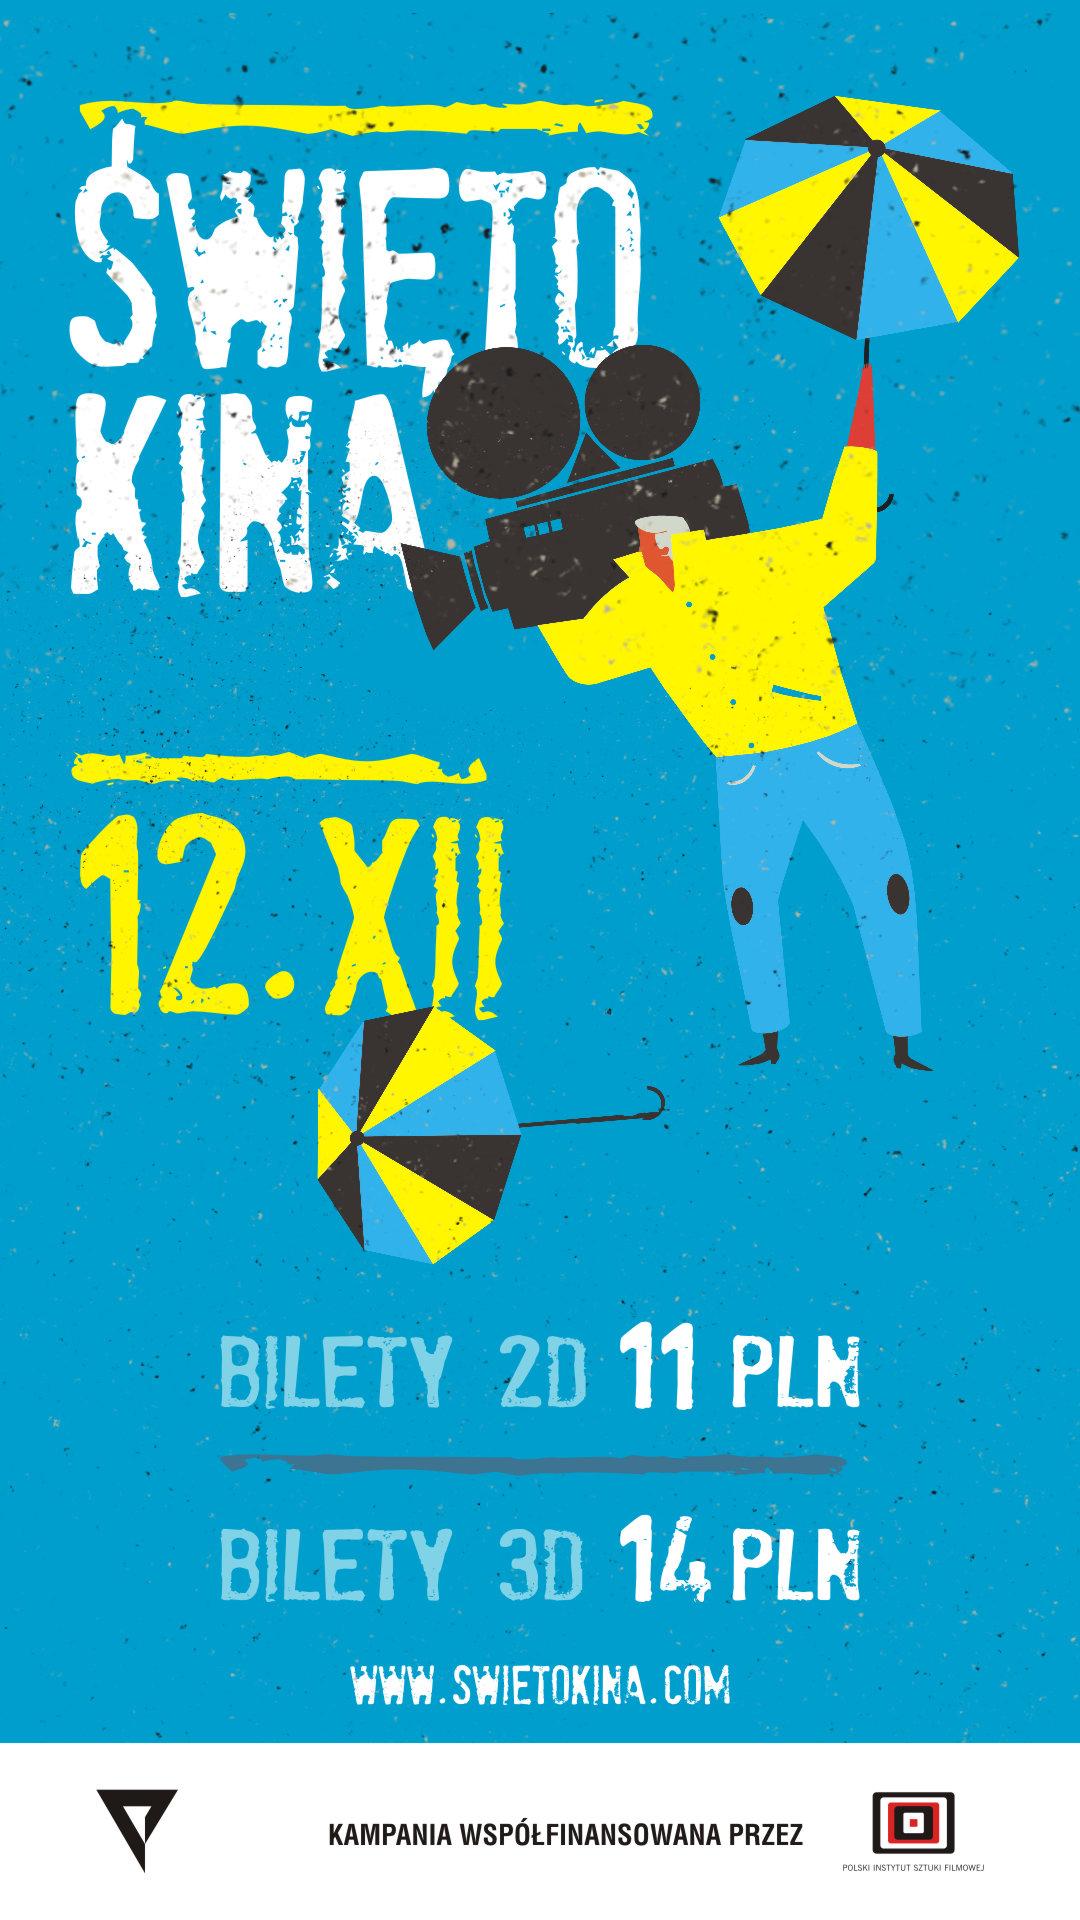 W Święto Kina bilety na filmy 2D za 11zł IMAX za 14zł @ CinemCity